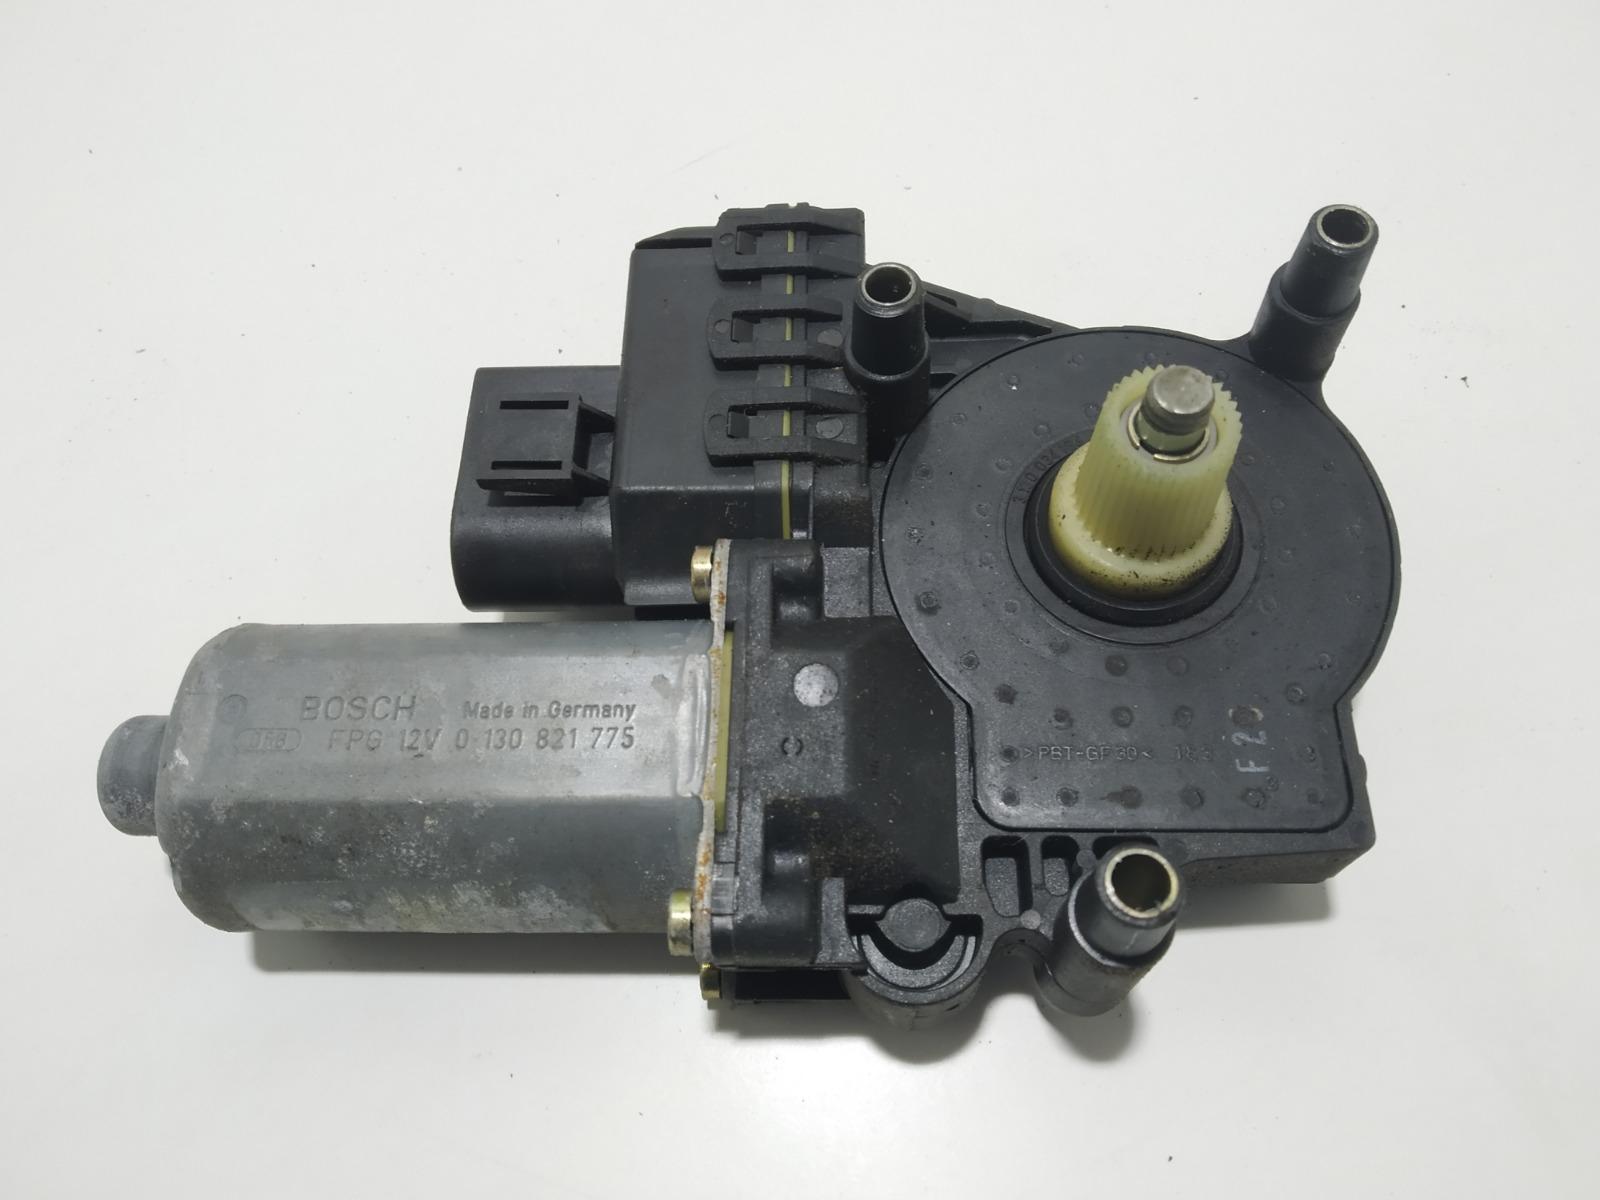 Моторчик стеклоподъемника передний левый Audi A6 C5 2.4 I 2000 (б/у)